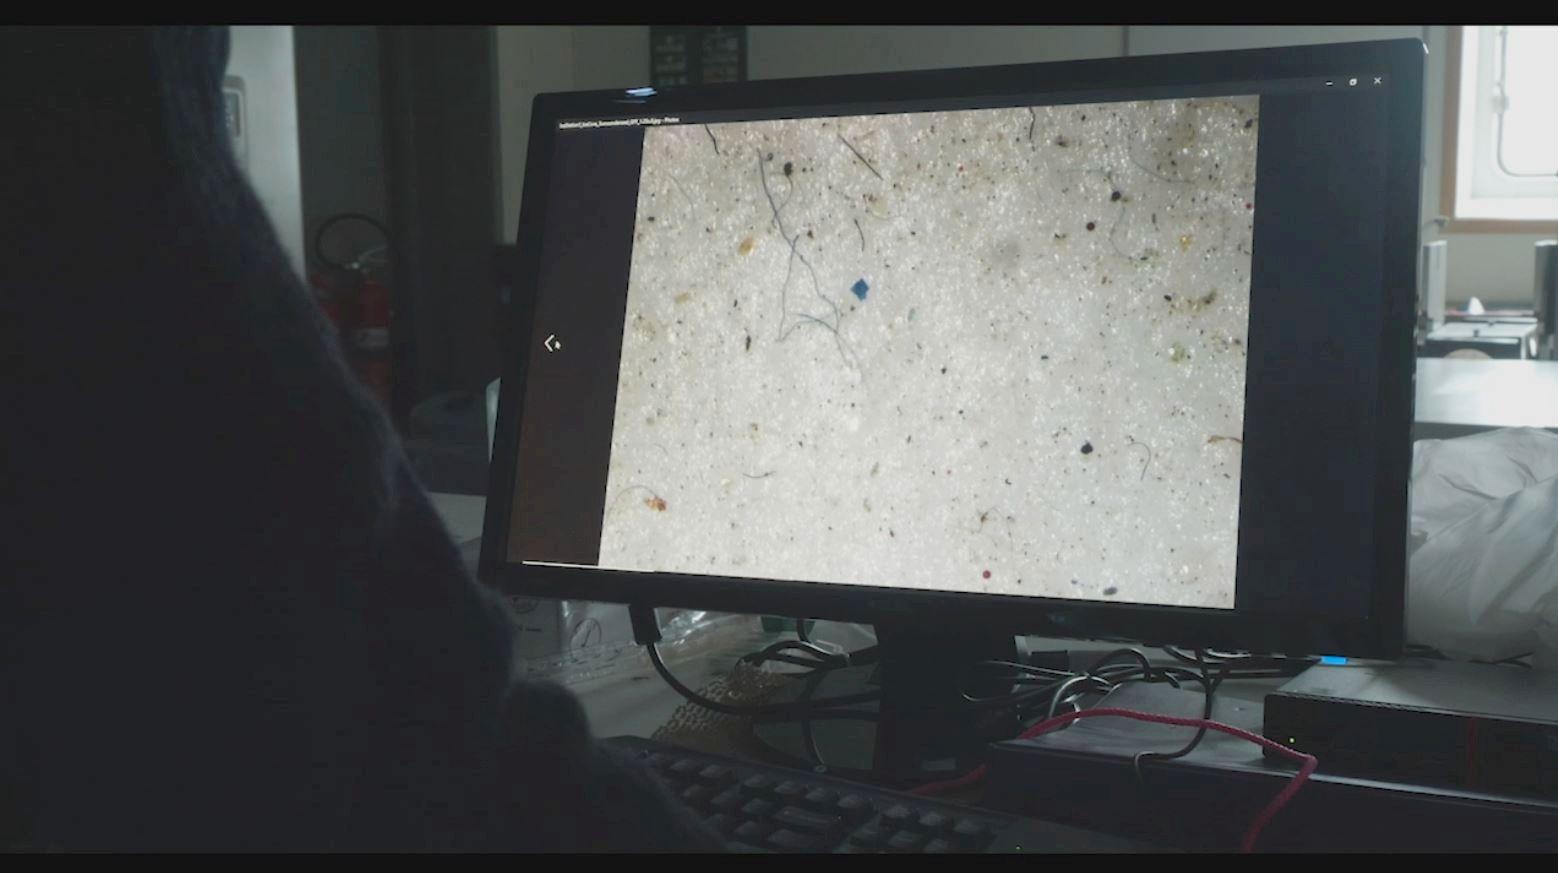 MIKROPLAST: Bildet viser mikroplast funnet i prøver med is i Arktis denne sommeren.